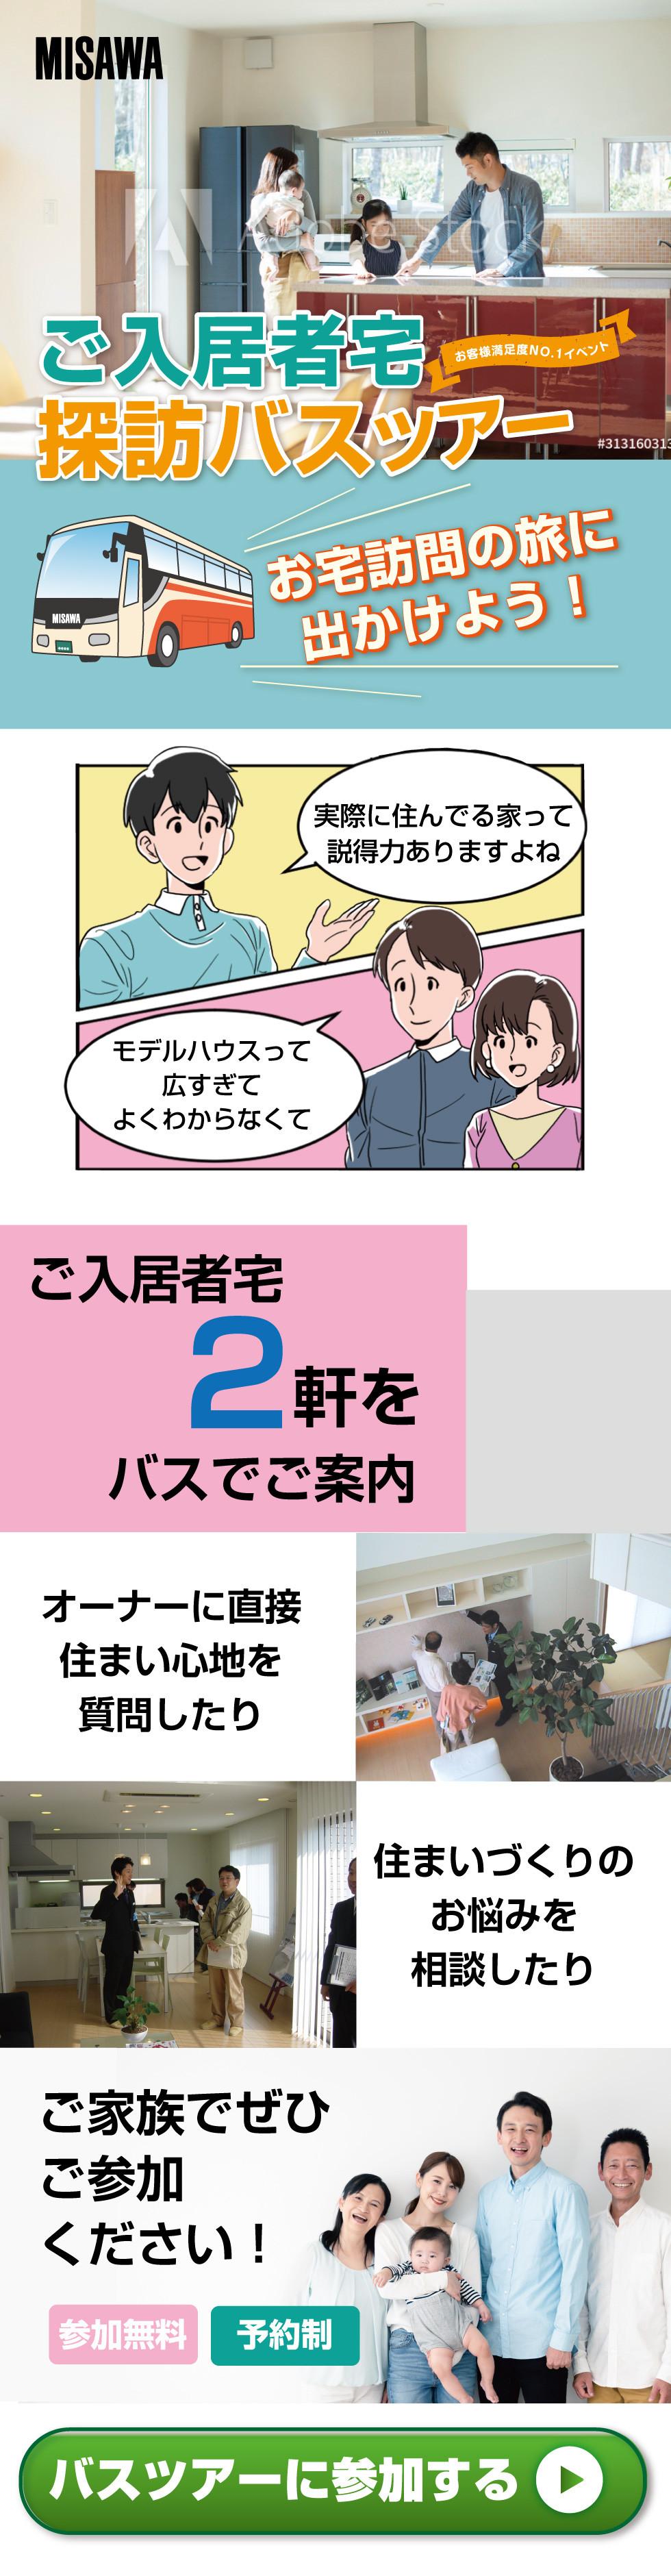 ご入居者宅探訪バスツアーLP.jpg